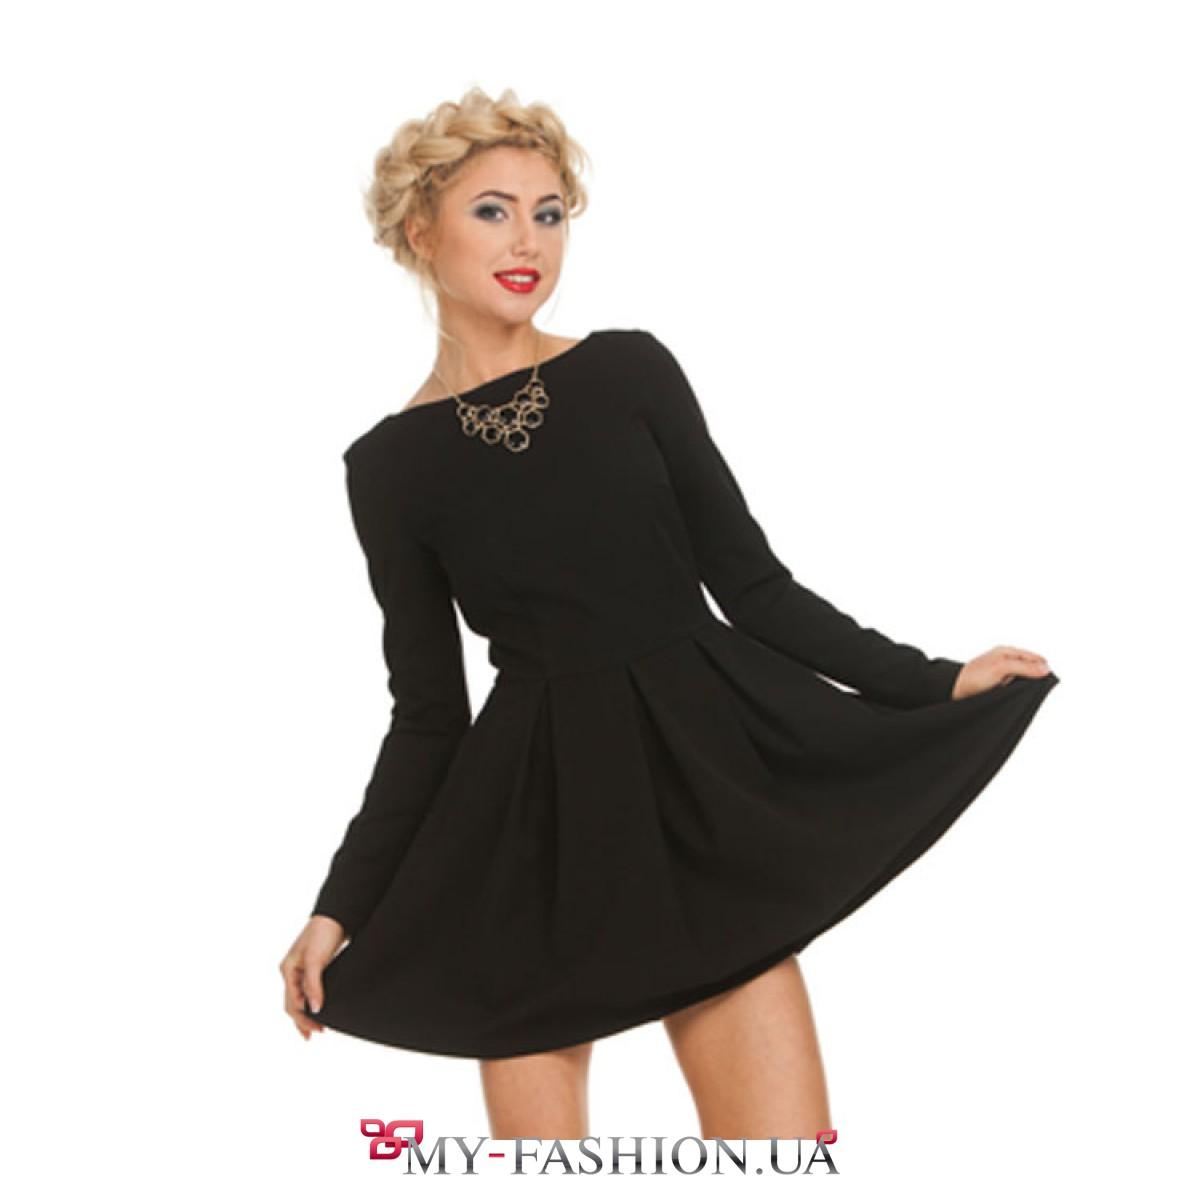 Купить Платье С Заниженной Талией